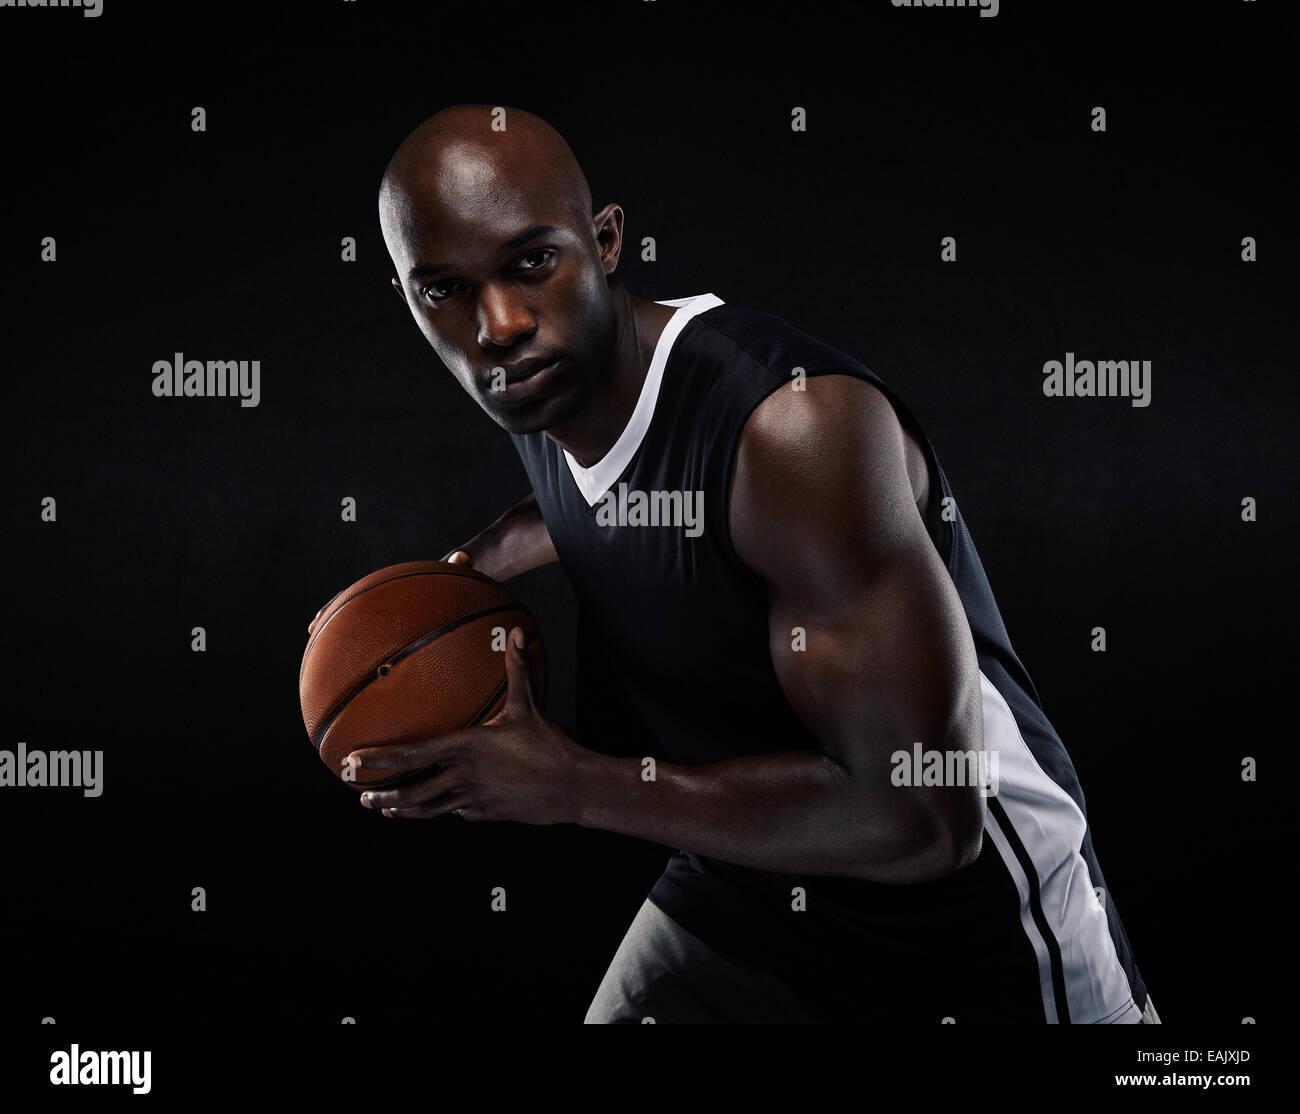 Porträt von Fit jungen männlichen Athleten Basketball zu spielen. US-amerikanischer Basketballspieler auf schwarzem Stockfoto